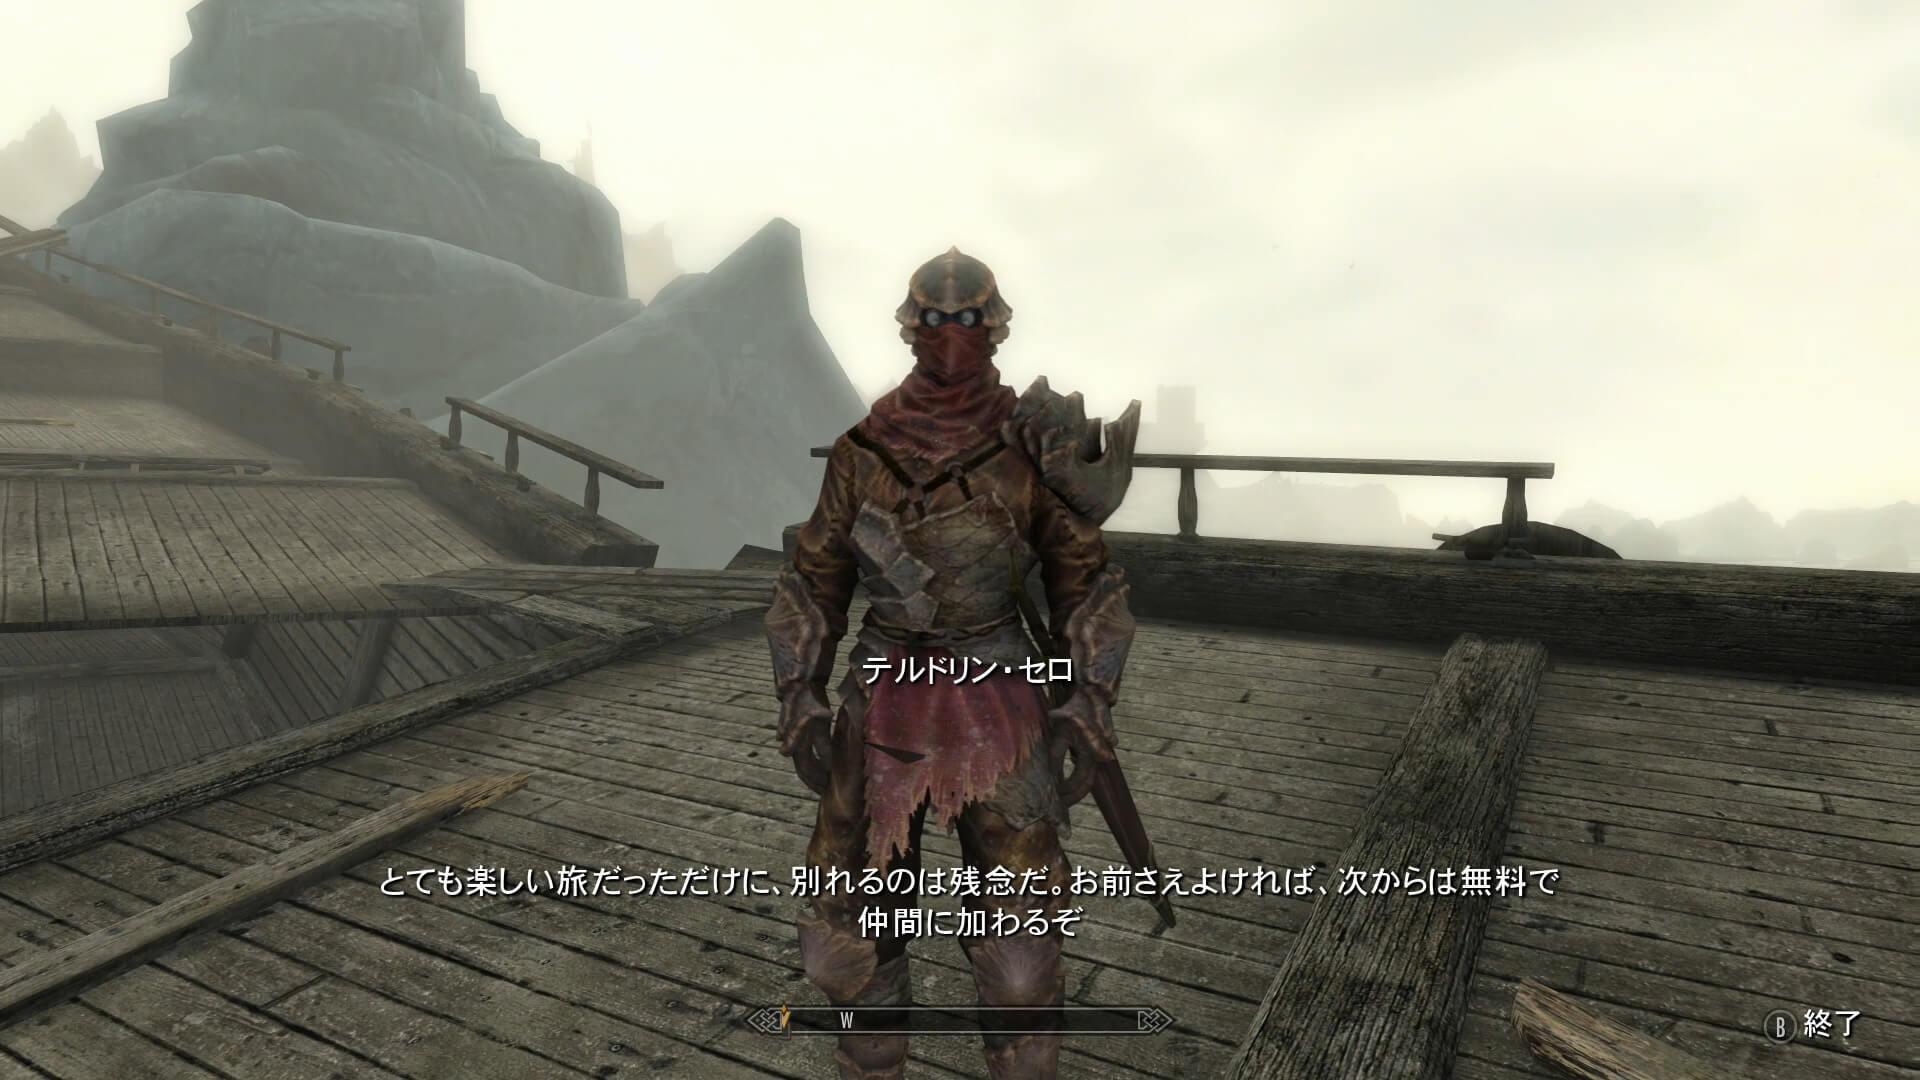 一騎当千の魔法剣士セロさん。いいヤツ!水木しげるキャラっぽい風貌もGood